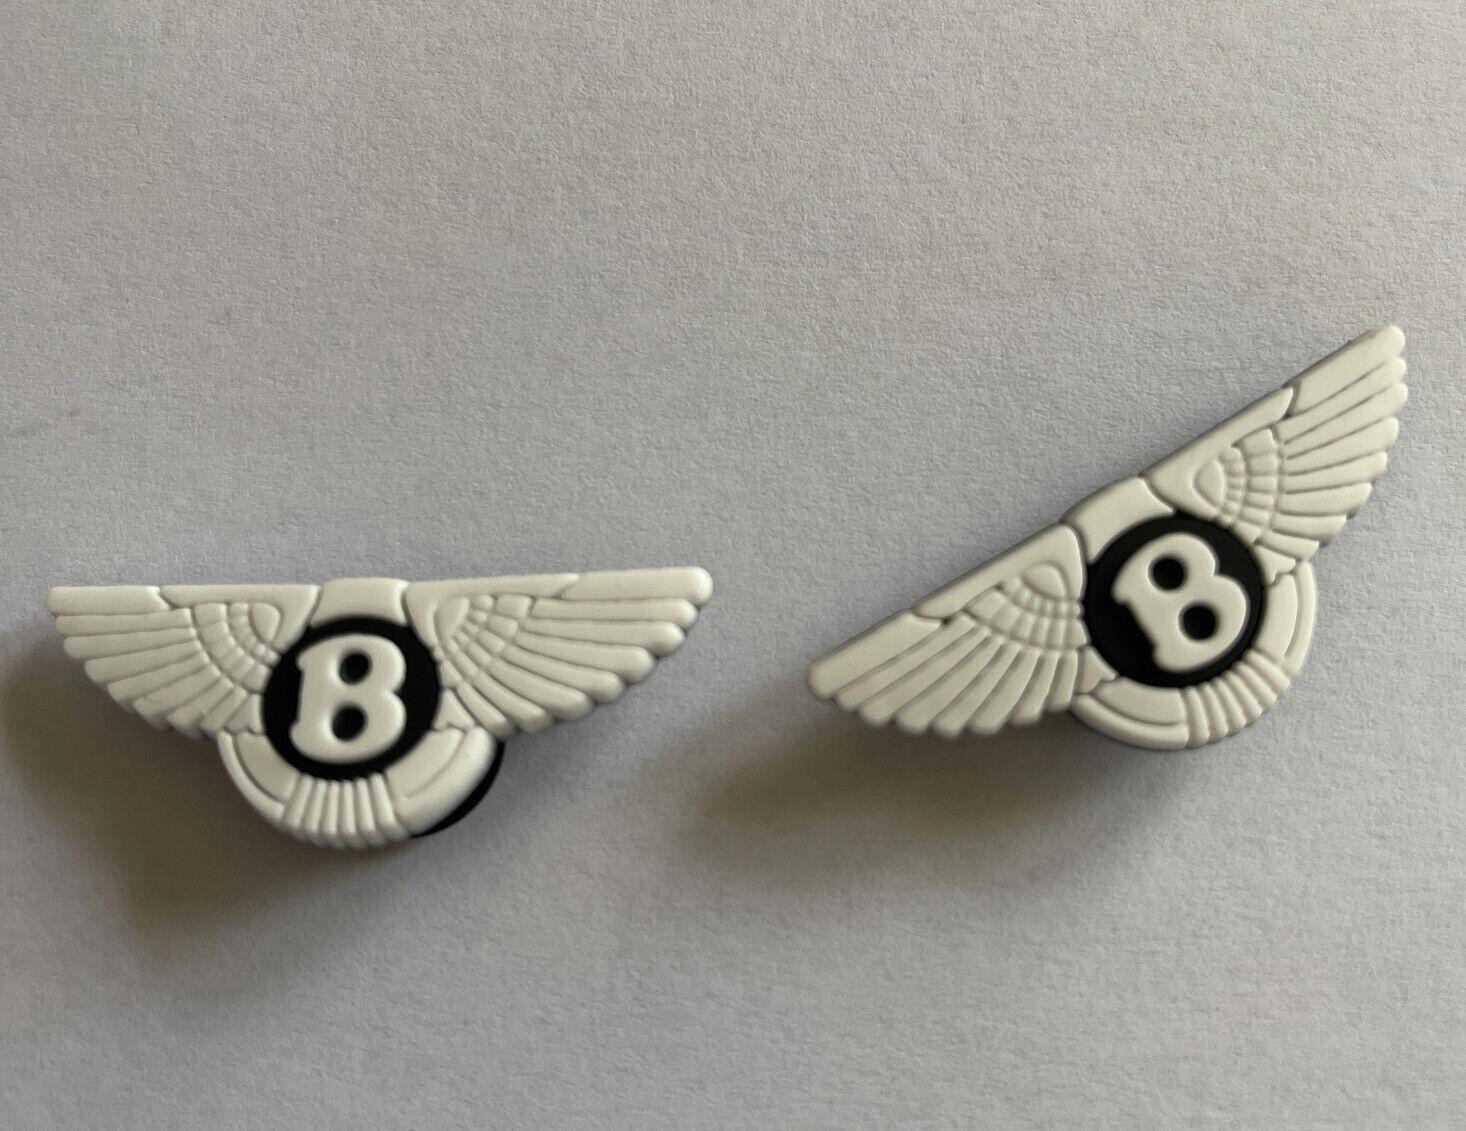 Bentley Logo Croc Charms (2) Shoe Charms For Croc Clogs Bracelet